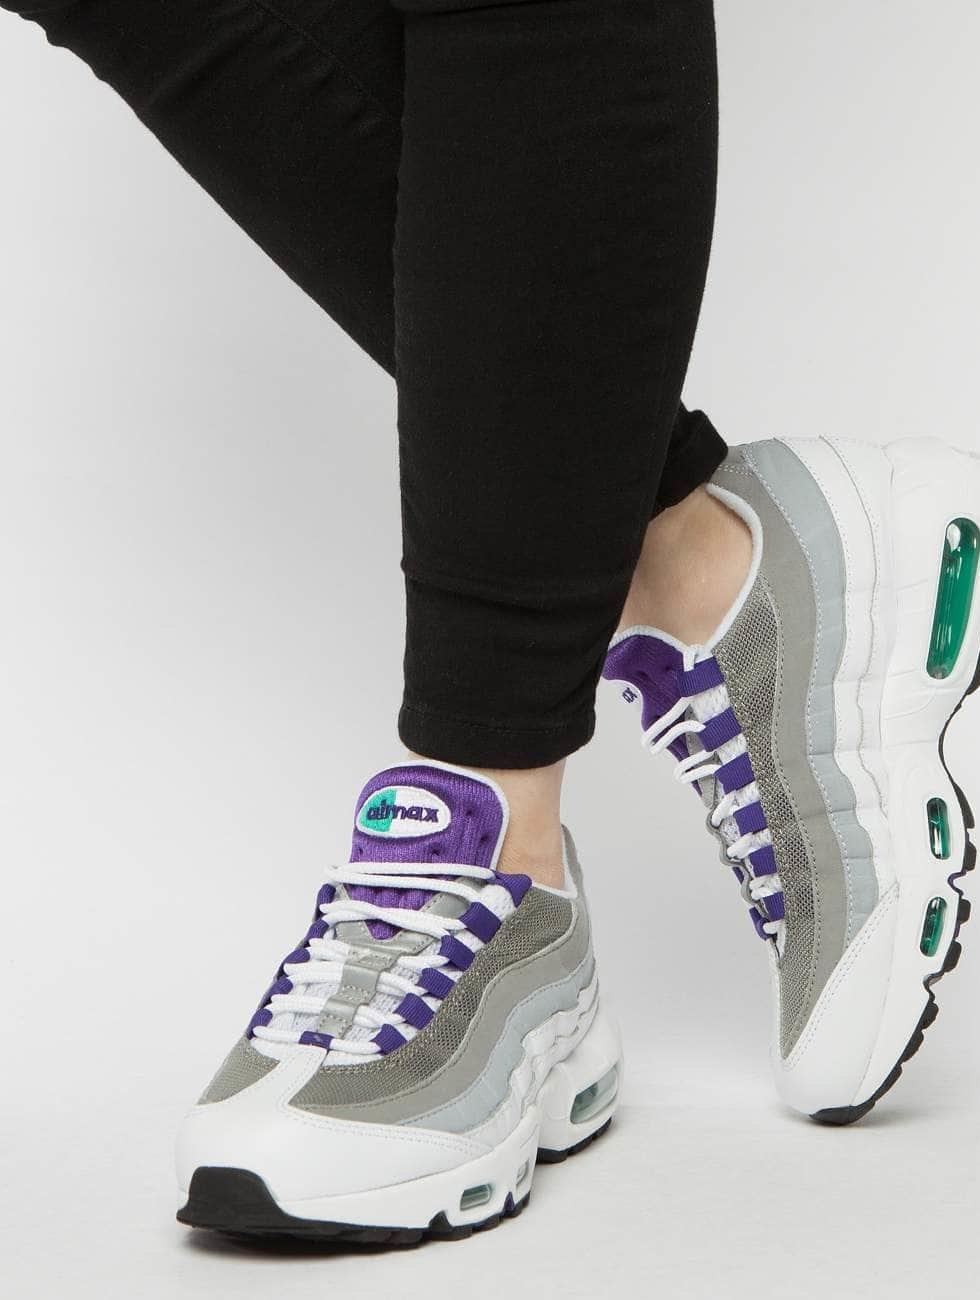 Nike schoen / sneaker Air Max 95 in wit 443038 comfortabel kopen Beste Goedkope Online Gratis Verzending Goedkope Prijs VZMlY